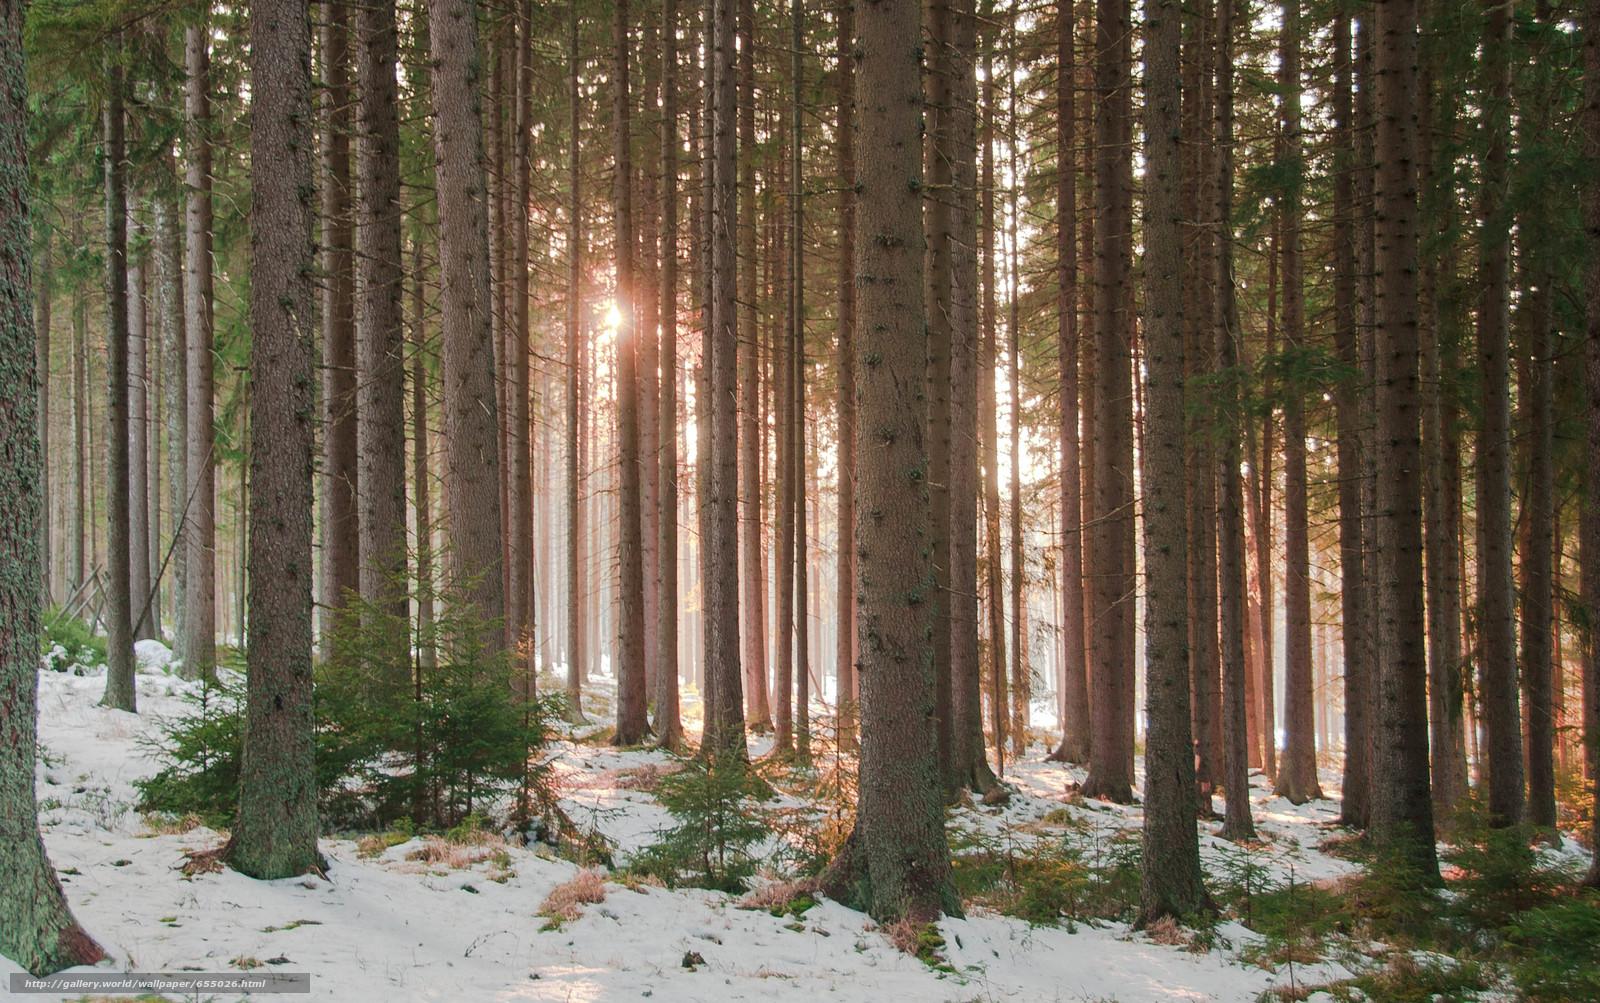 Скачать обои Лес,  деревья,  природа,  зима бесплатно для рабочего стола в разрешении 4178x2620 — картинка №655026